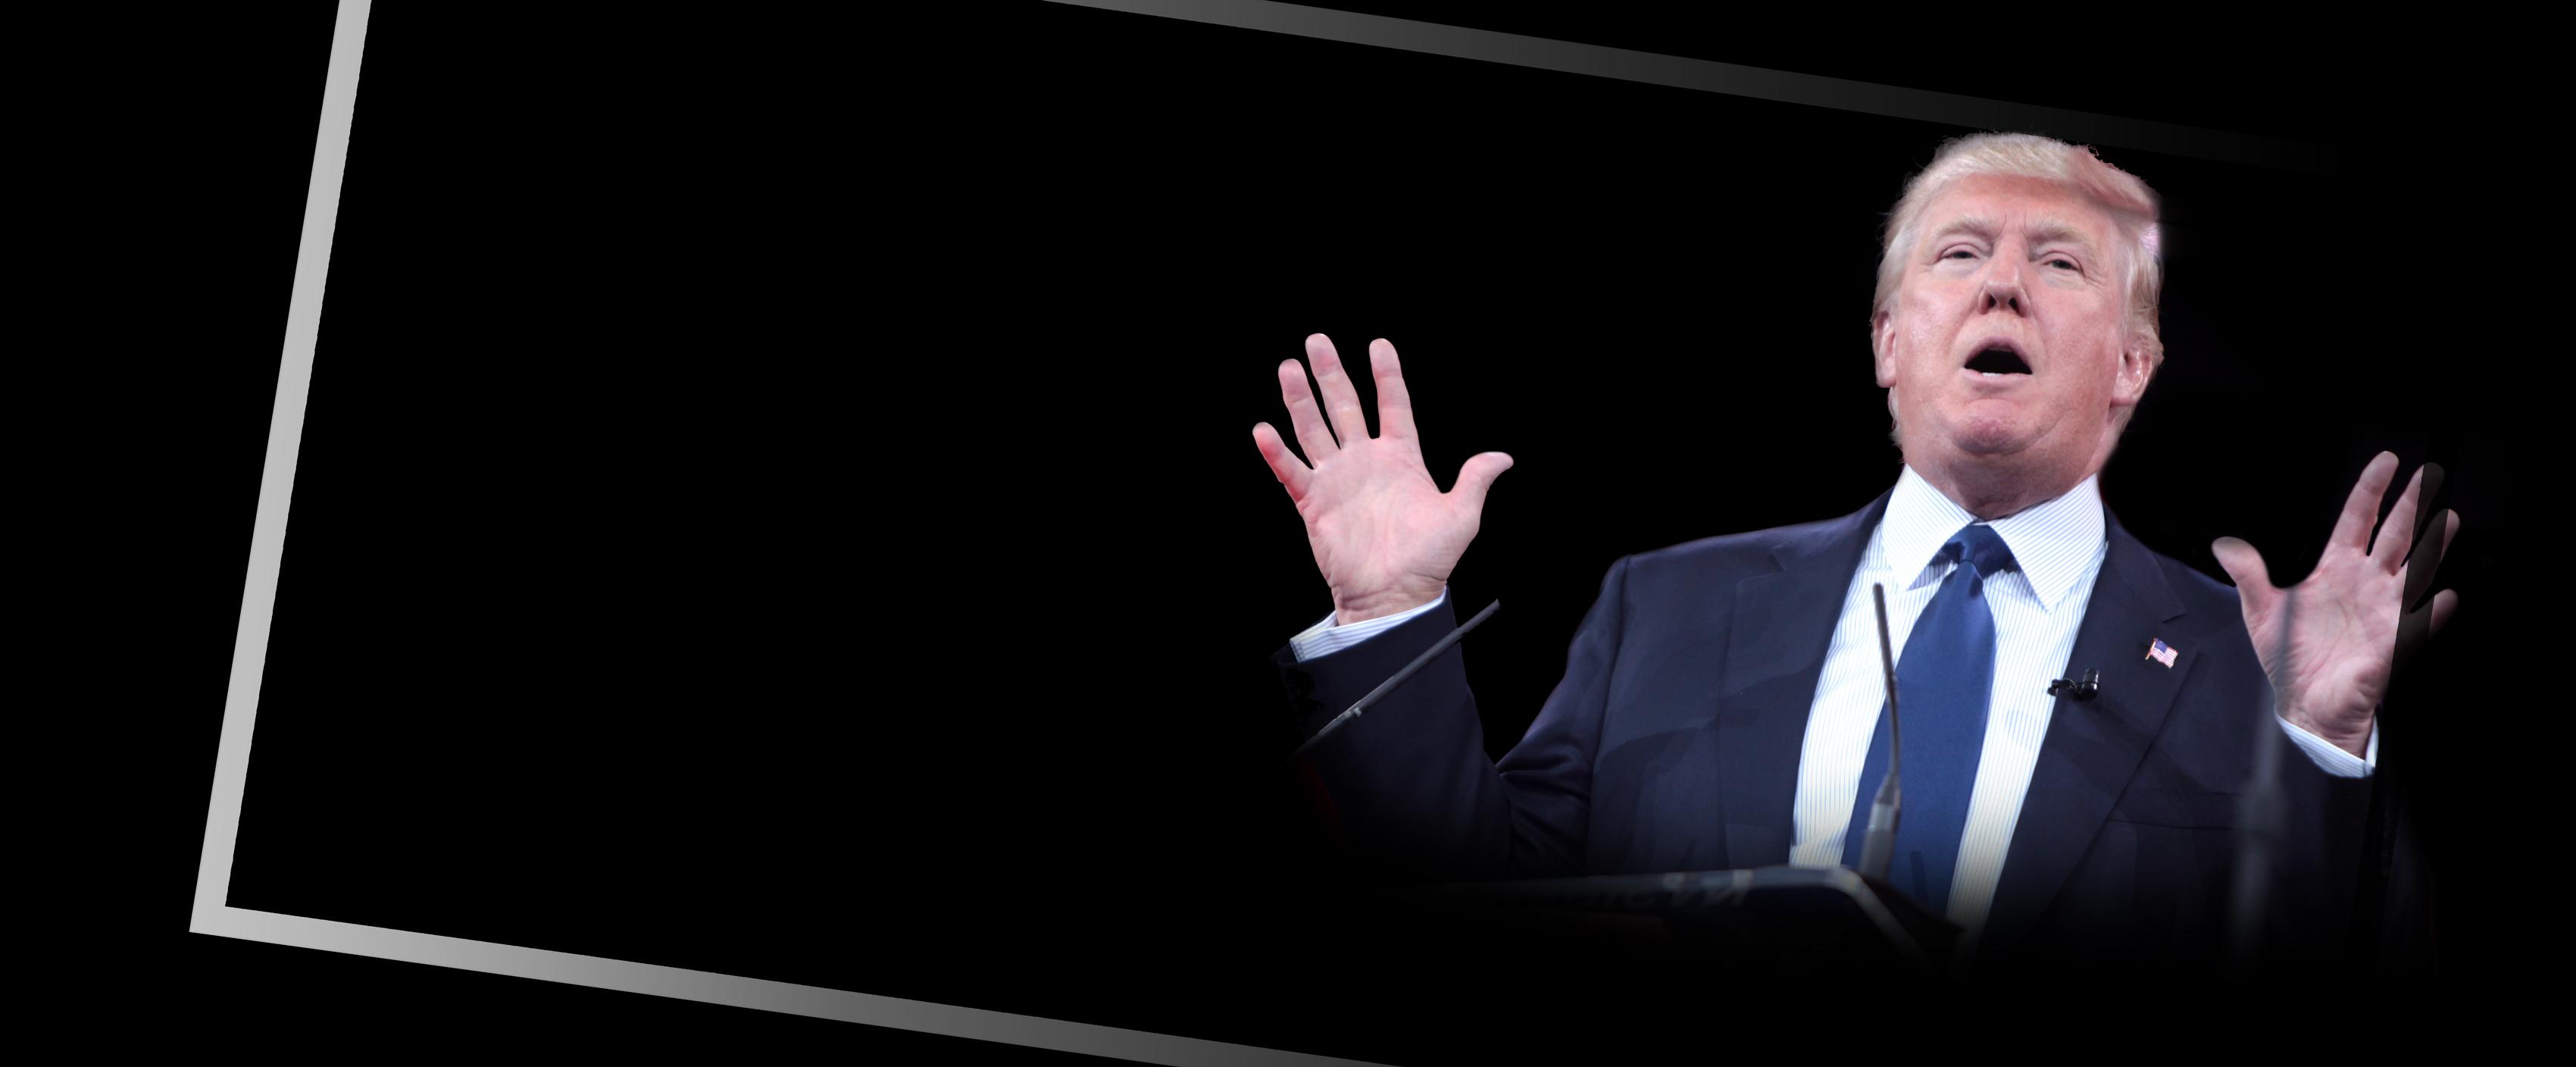 Steht Donald Trump über dem Gesetz? <br>  <span id='sec-title'>Enge Verbündete des Präsidenten fallen.</span>